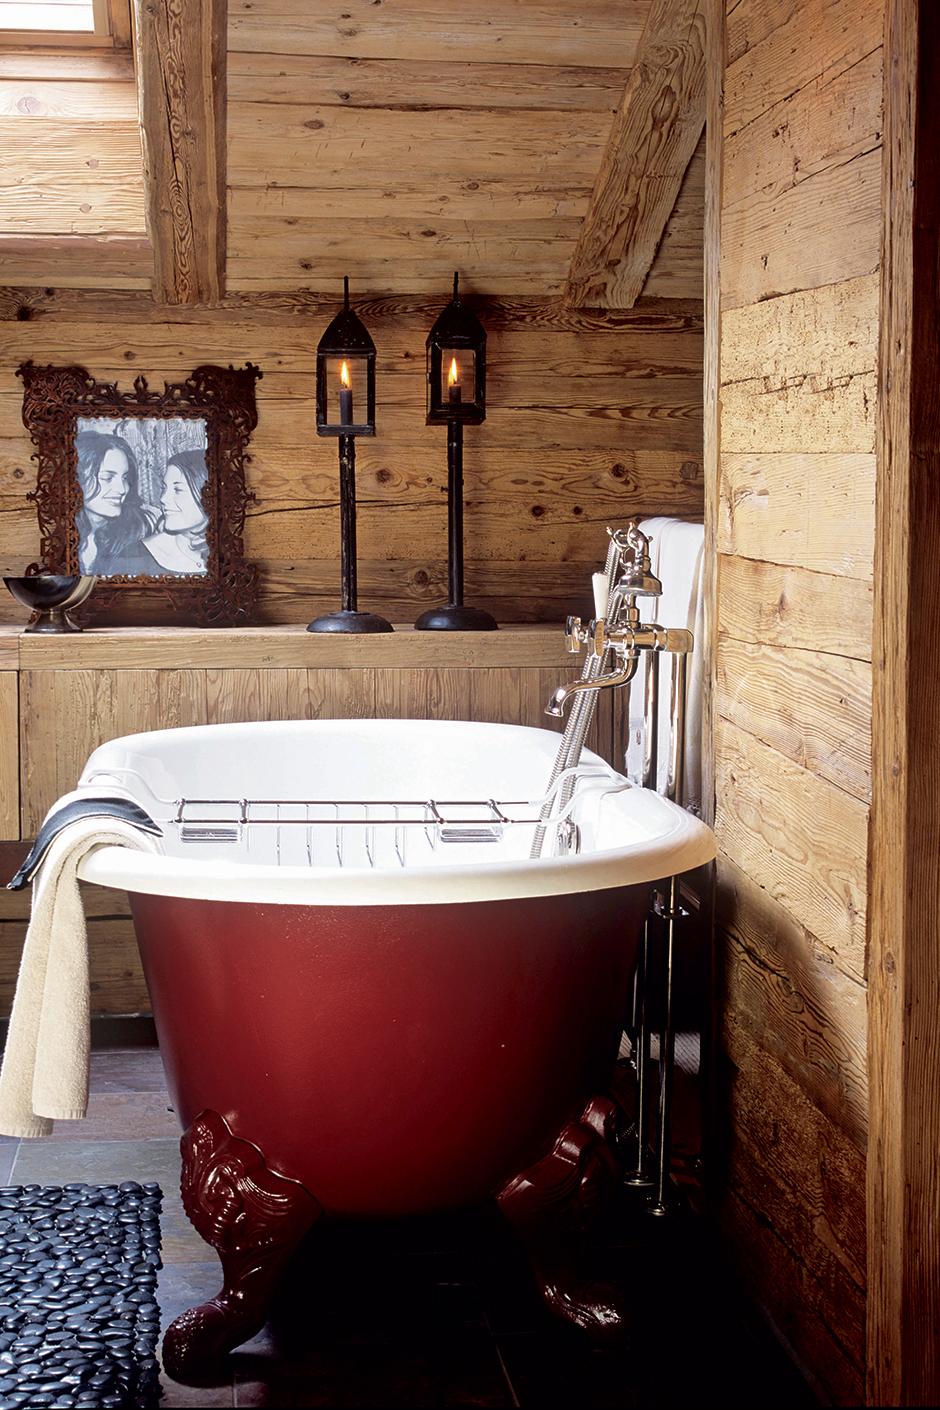 Секс в ванной техника в фото 10 фотография